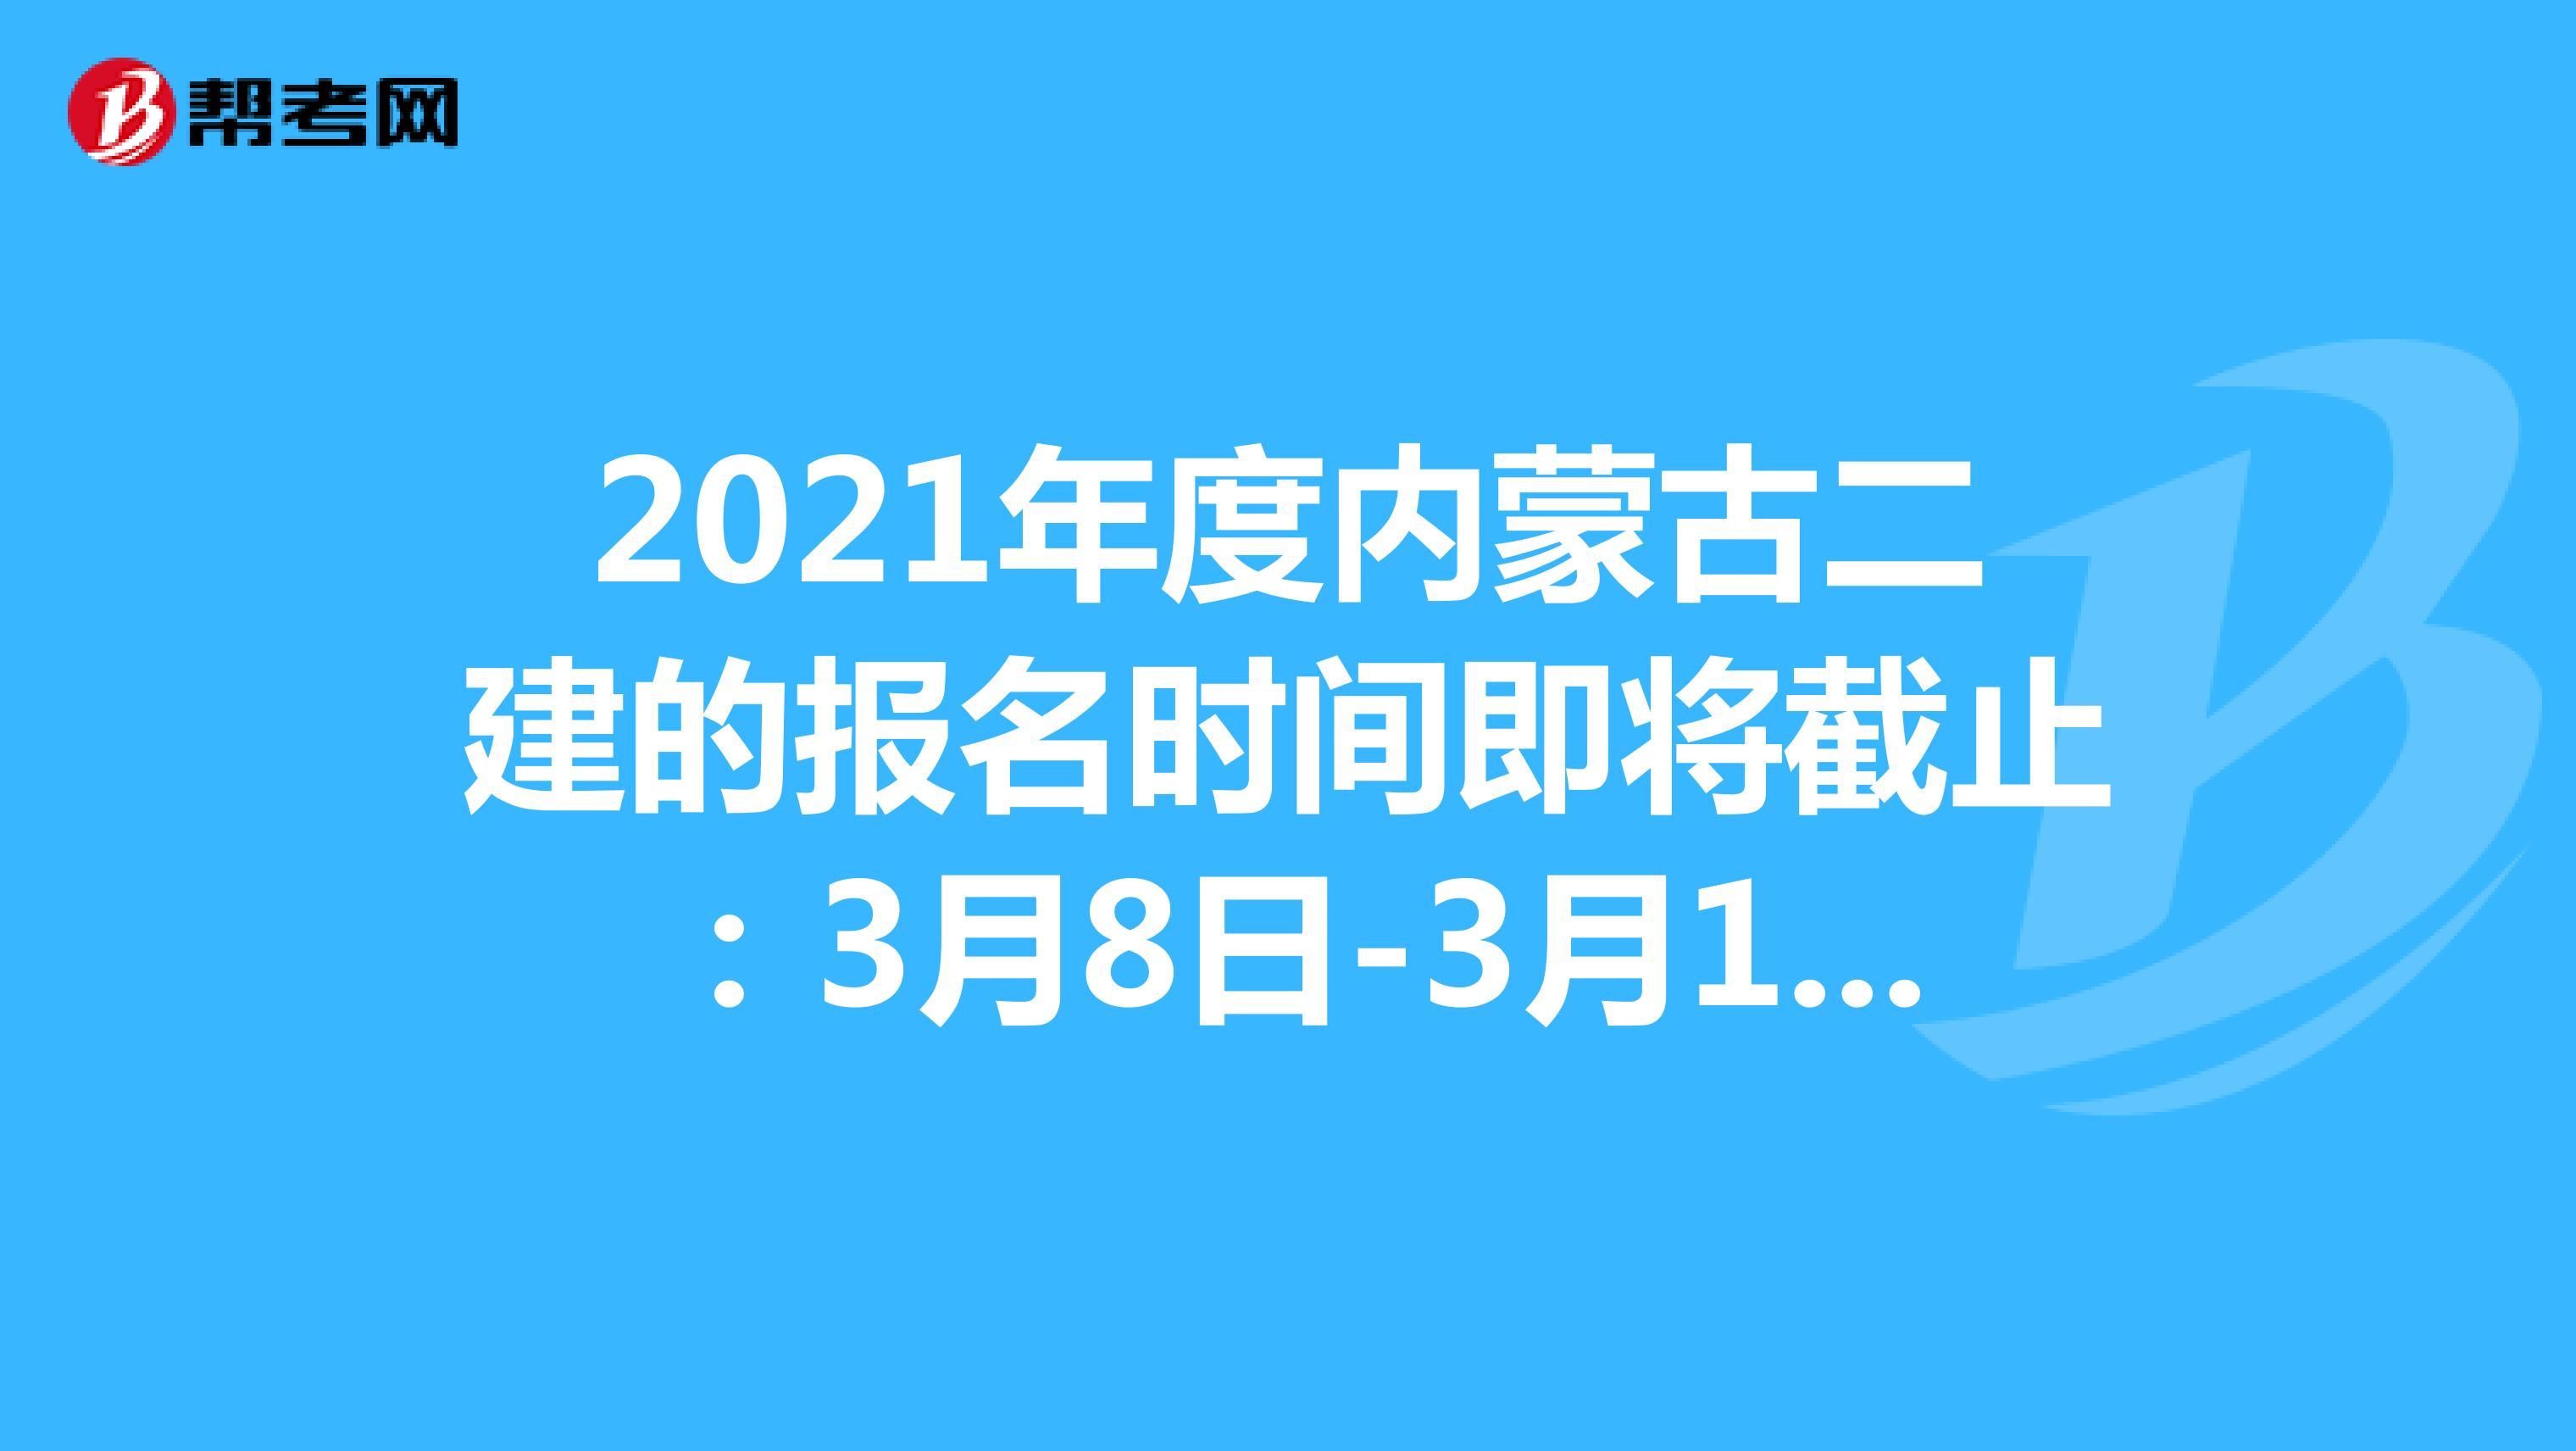 2021年度内蒙古二建的报名时间即将截止:3月8日-3月18日